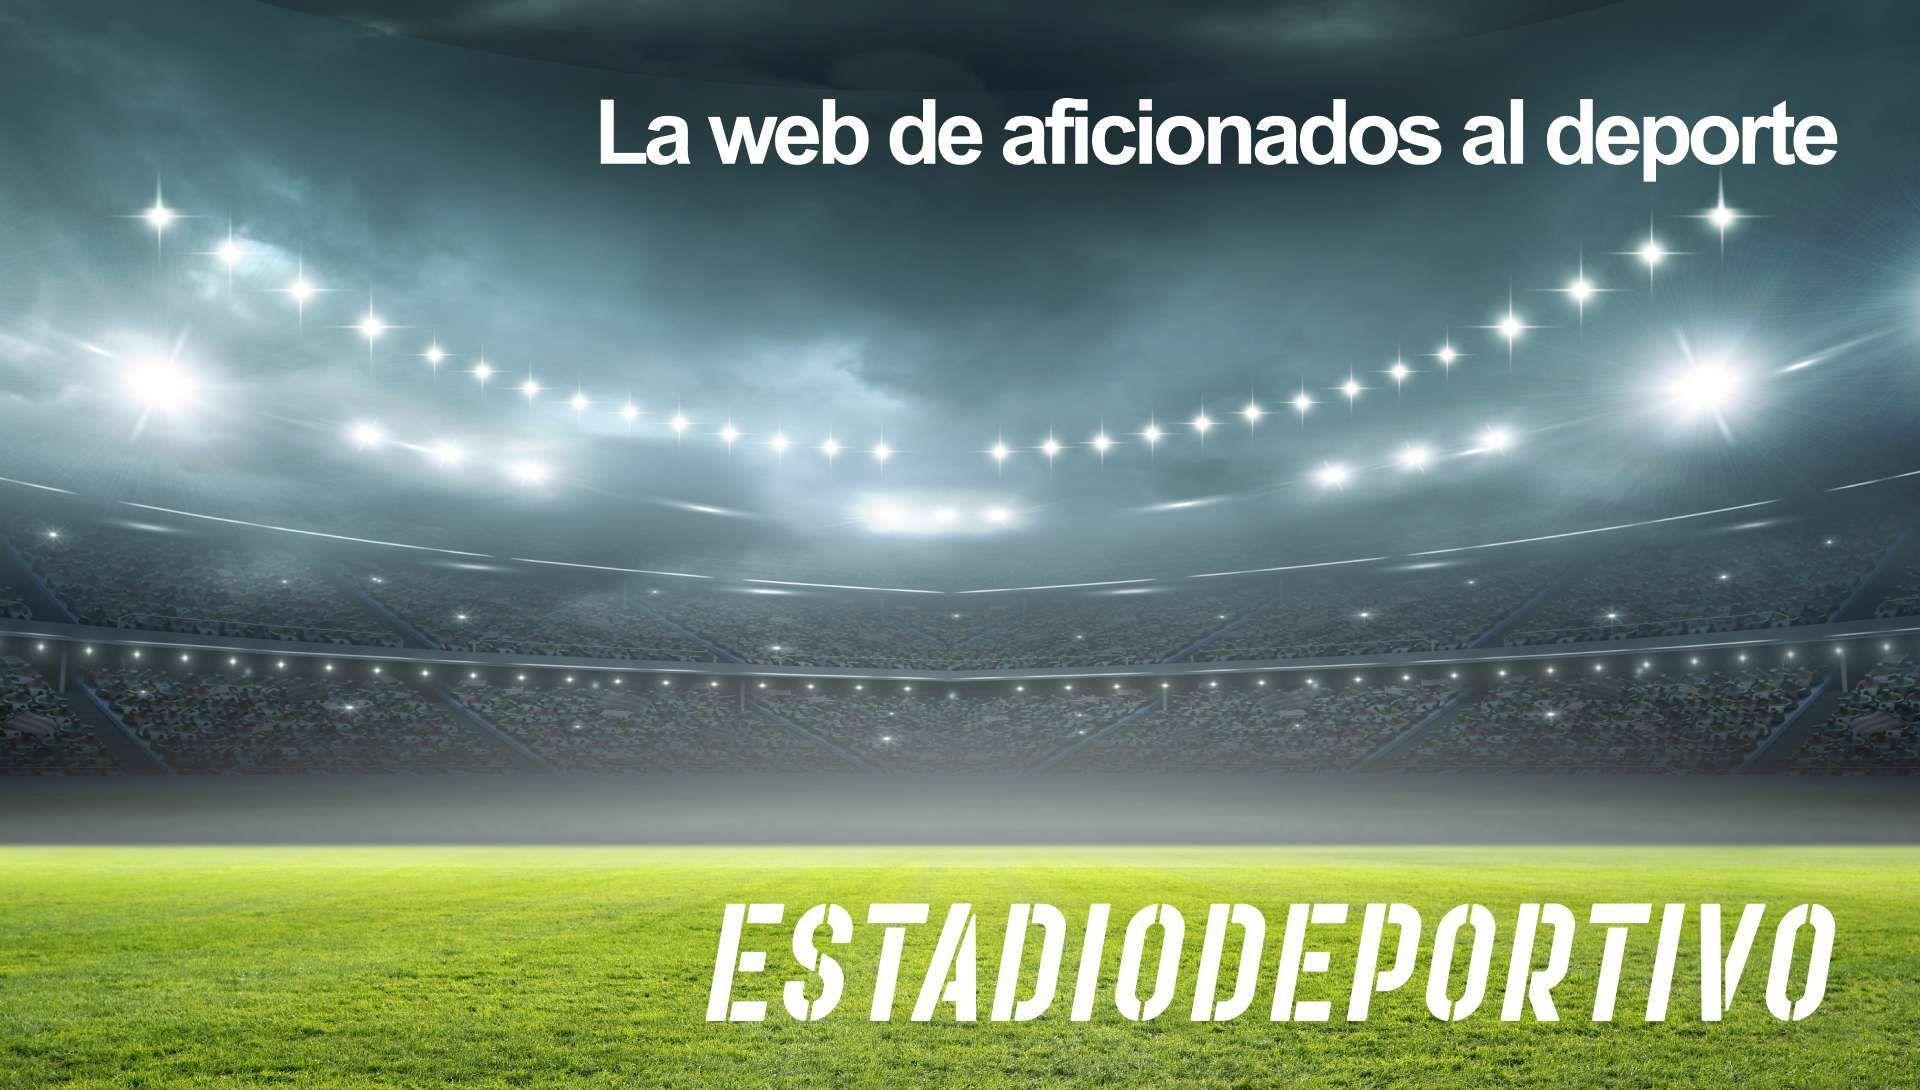 Las portadas del sábado 23 de enero